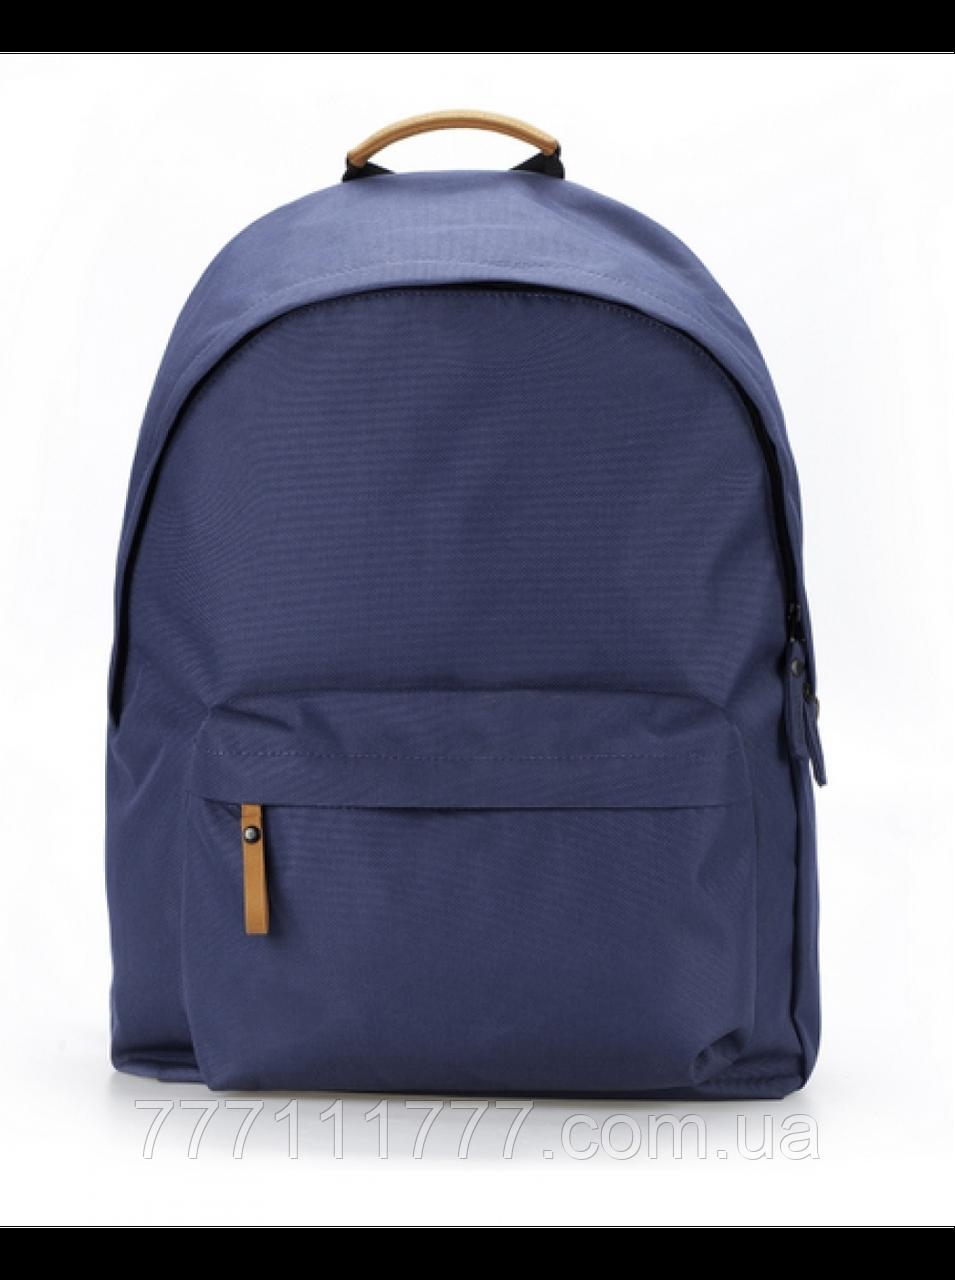 Рюкзак гарантия школьный рюкзак polar be positive